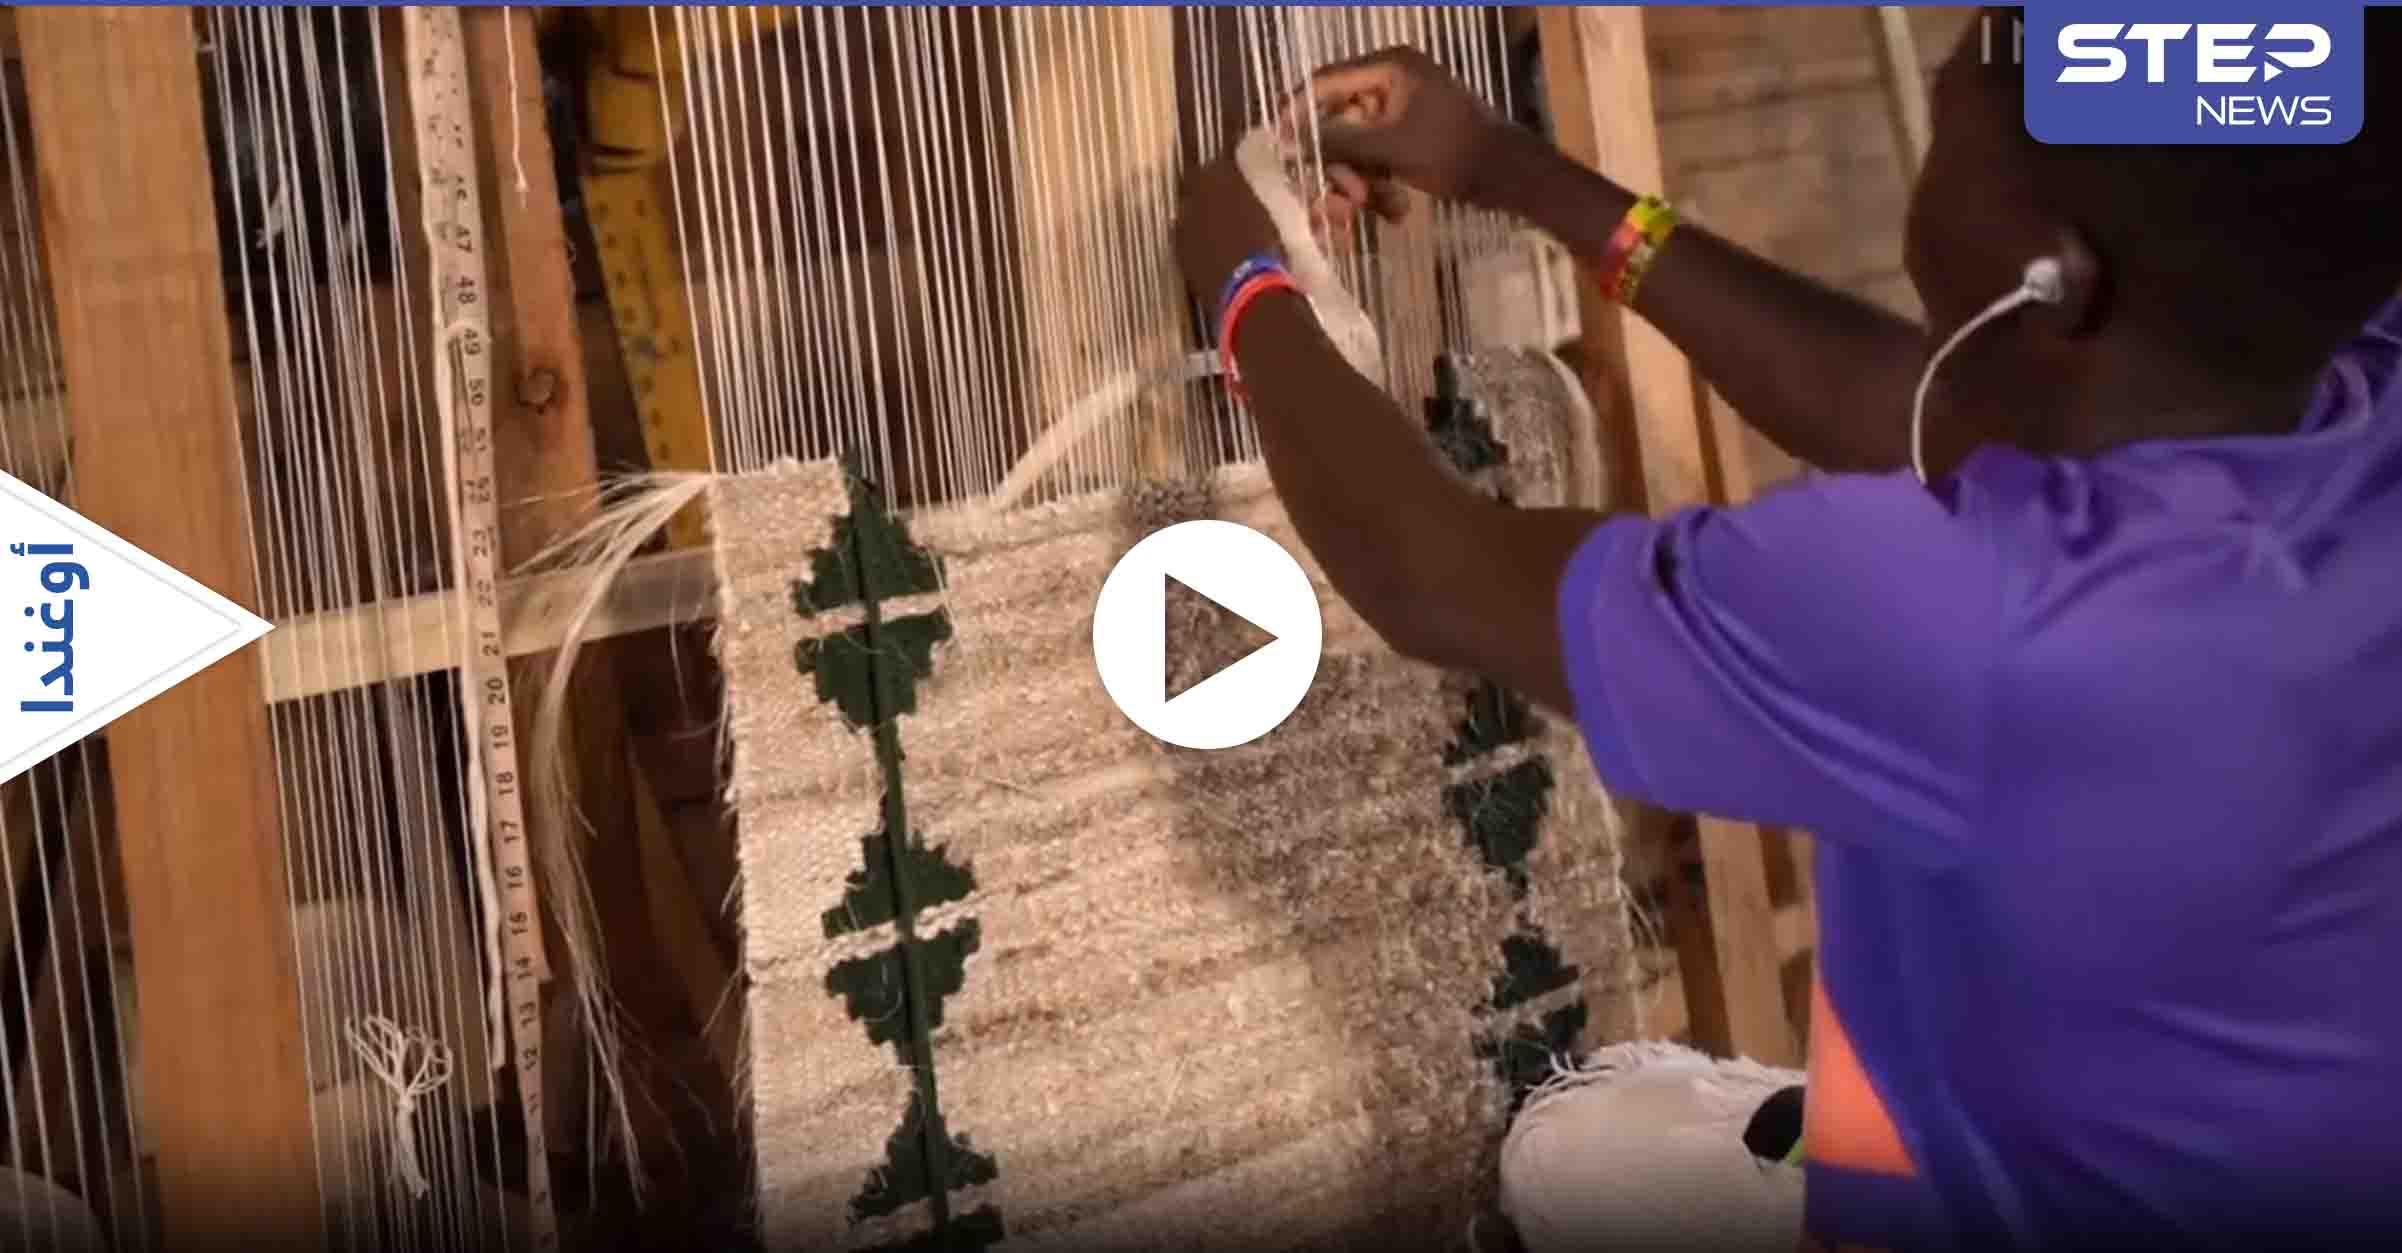 بالفيديو|| من غرائب الصناعات.. استخدام مخلفات الموز لإنتاج السجاد ووصلات الشعر والملابس